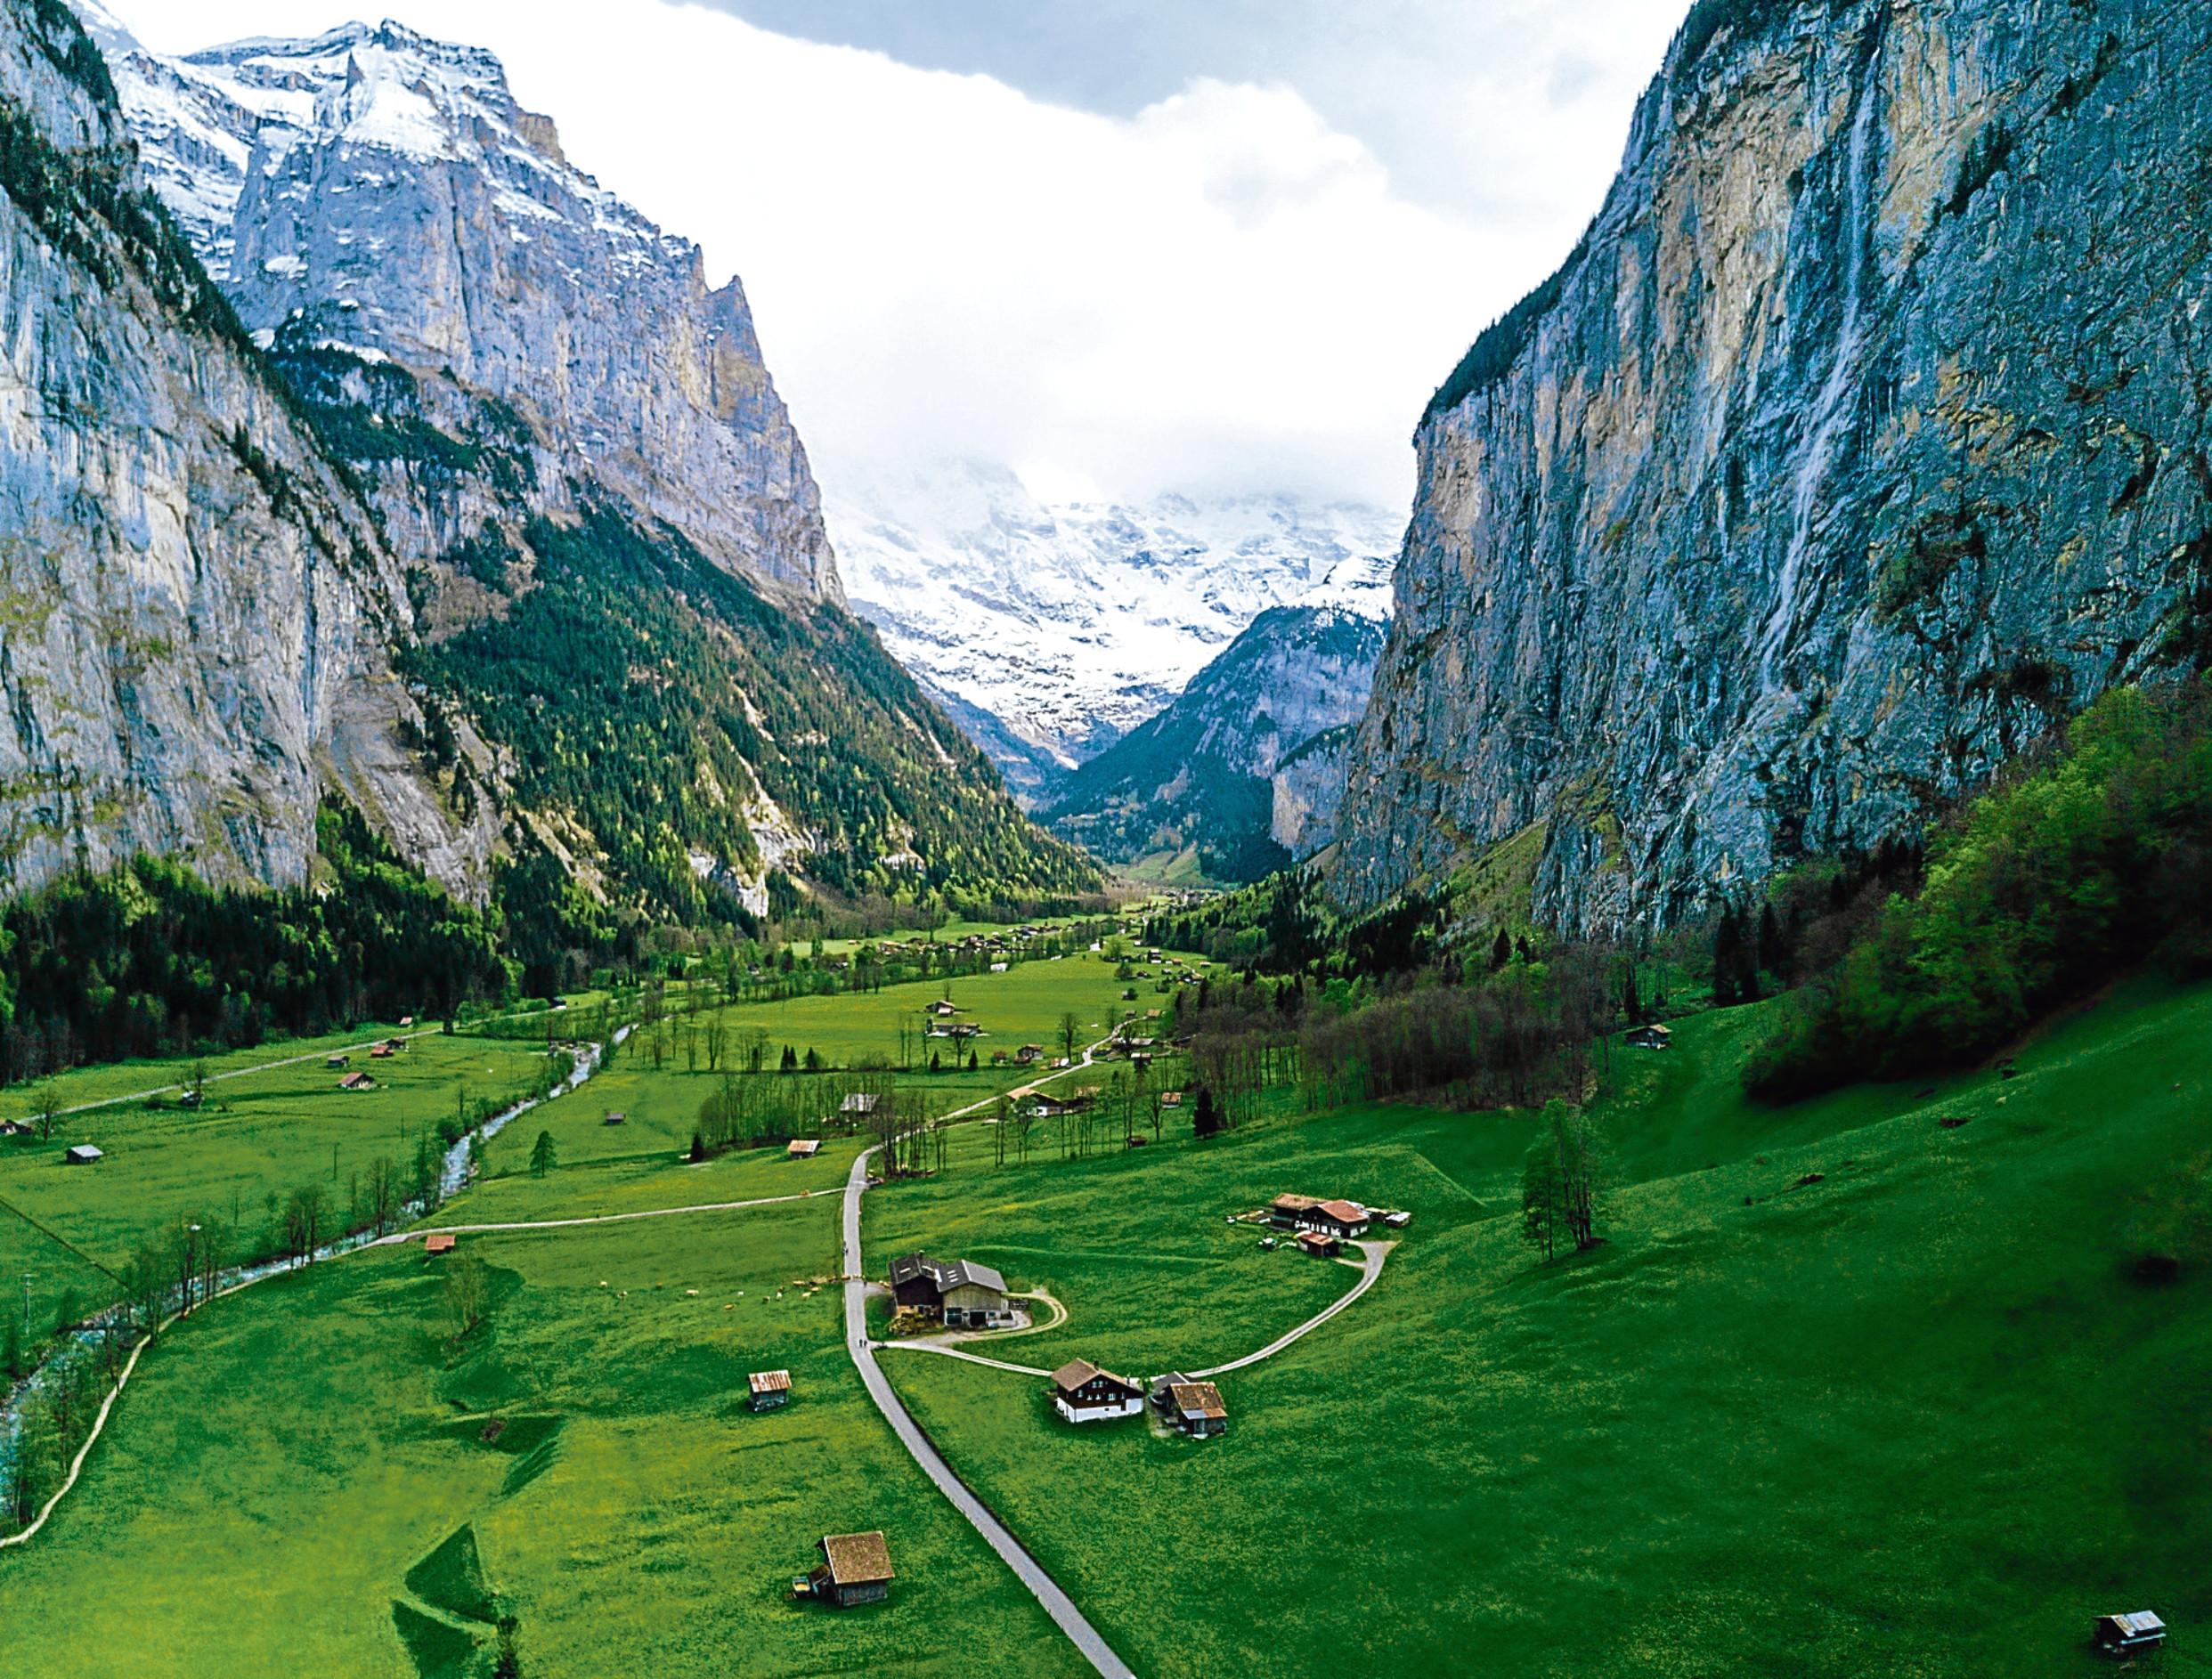 Lauterbrunnen valley in the Canton of Bern in Switzerland (iStock)